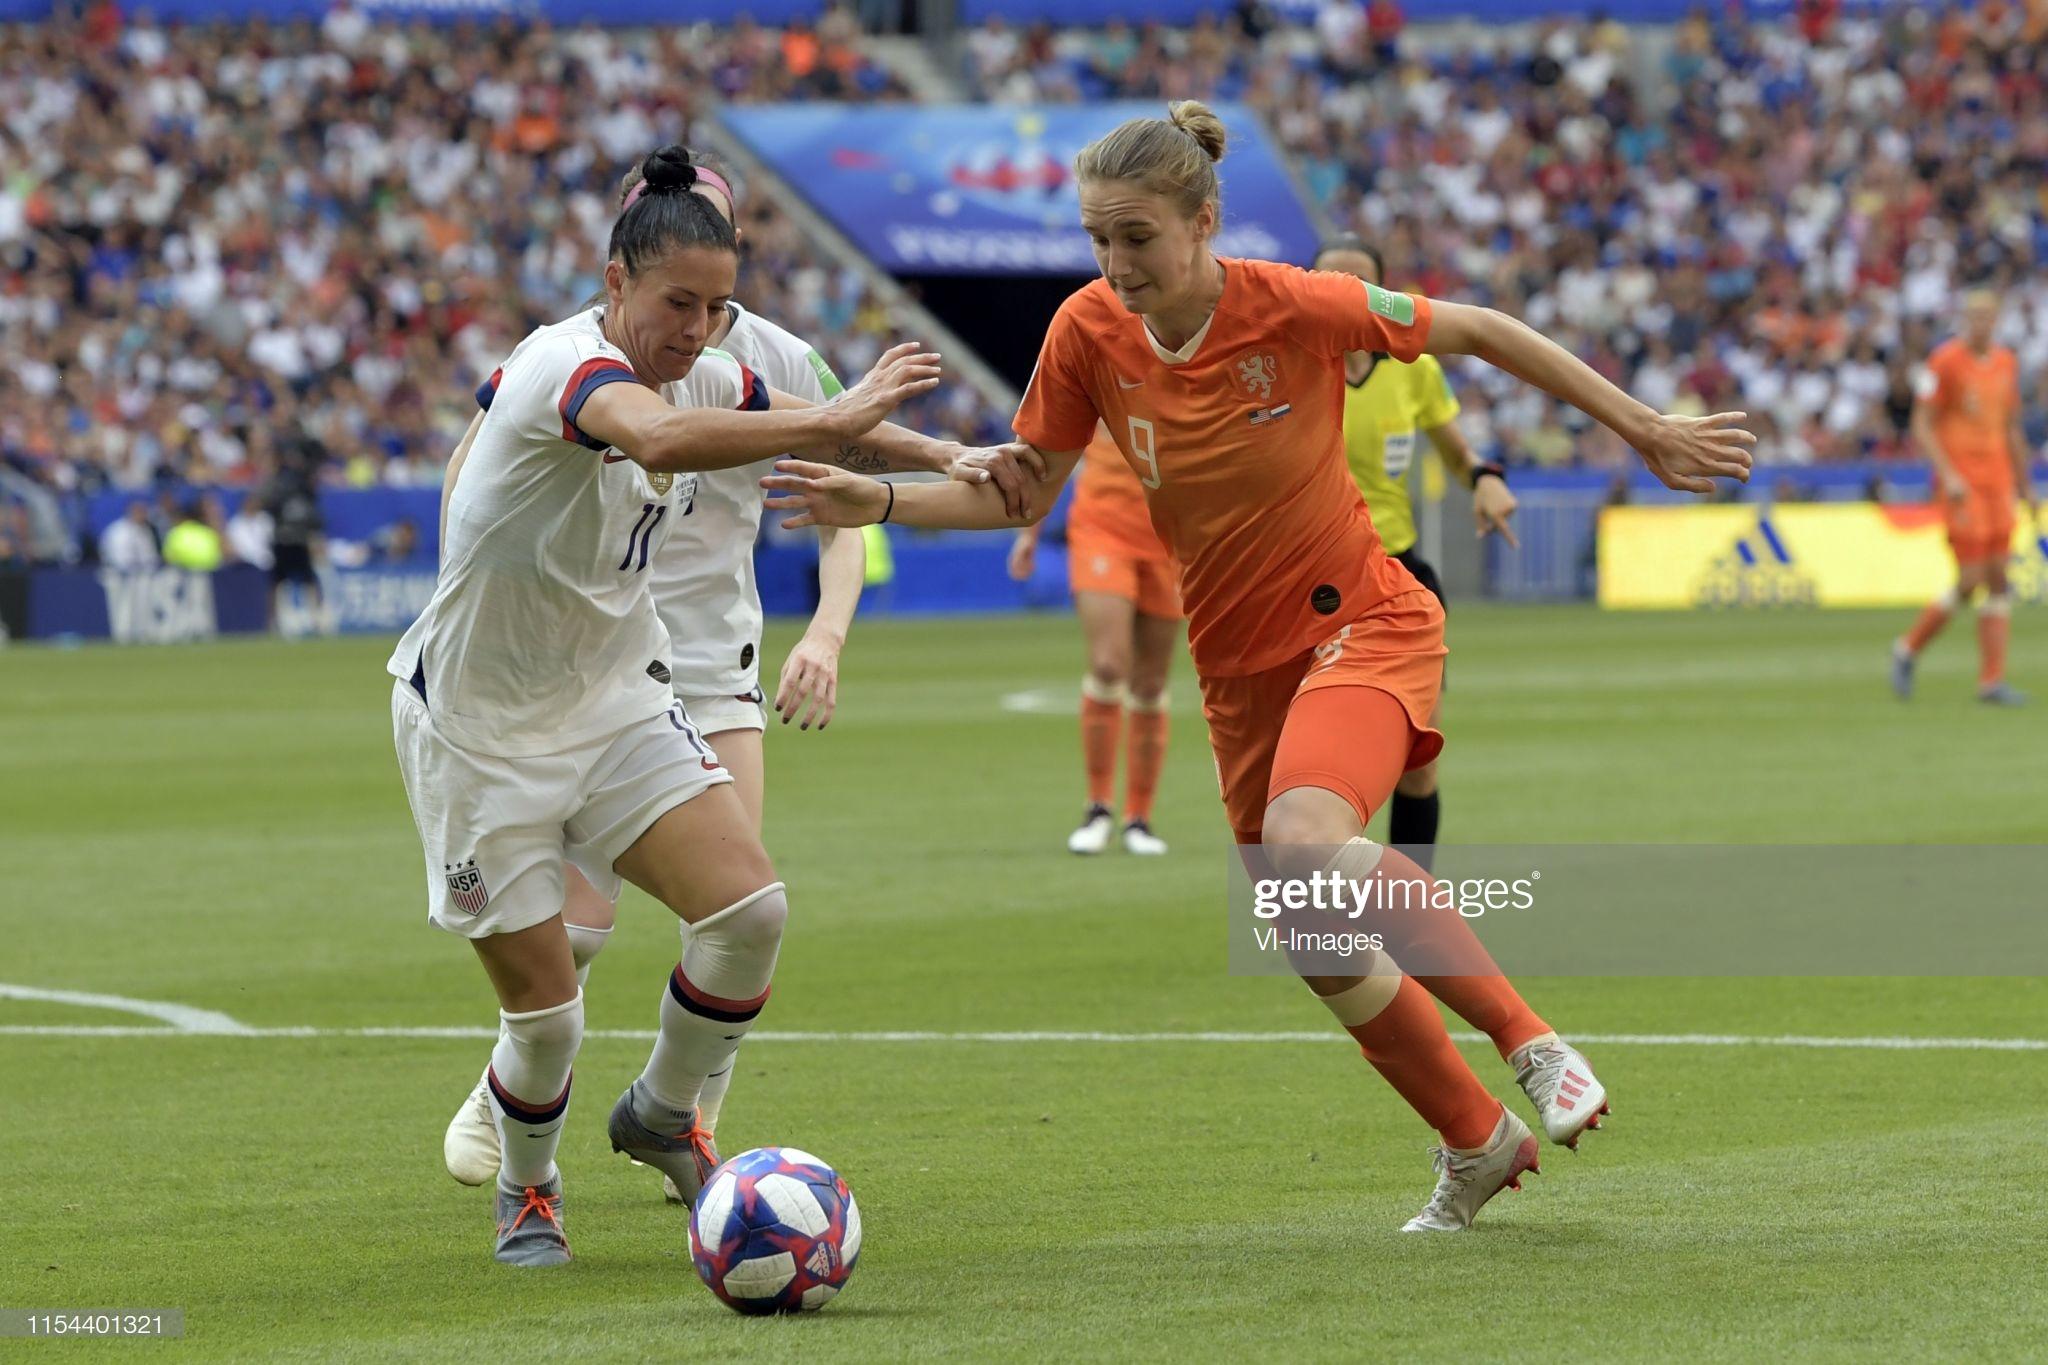 انصراف برزیل از میزبانی جام جهانی فوتبال زنان 2023